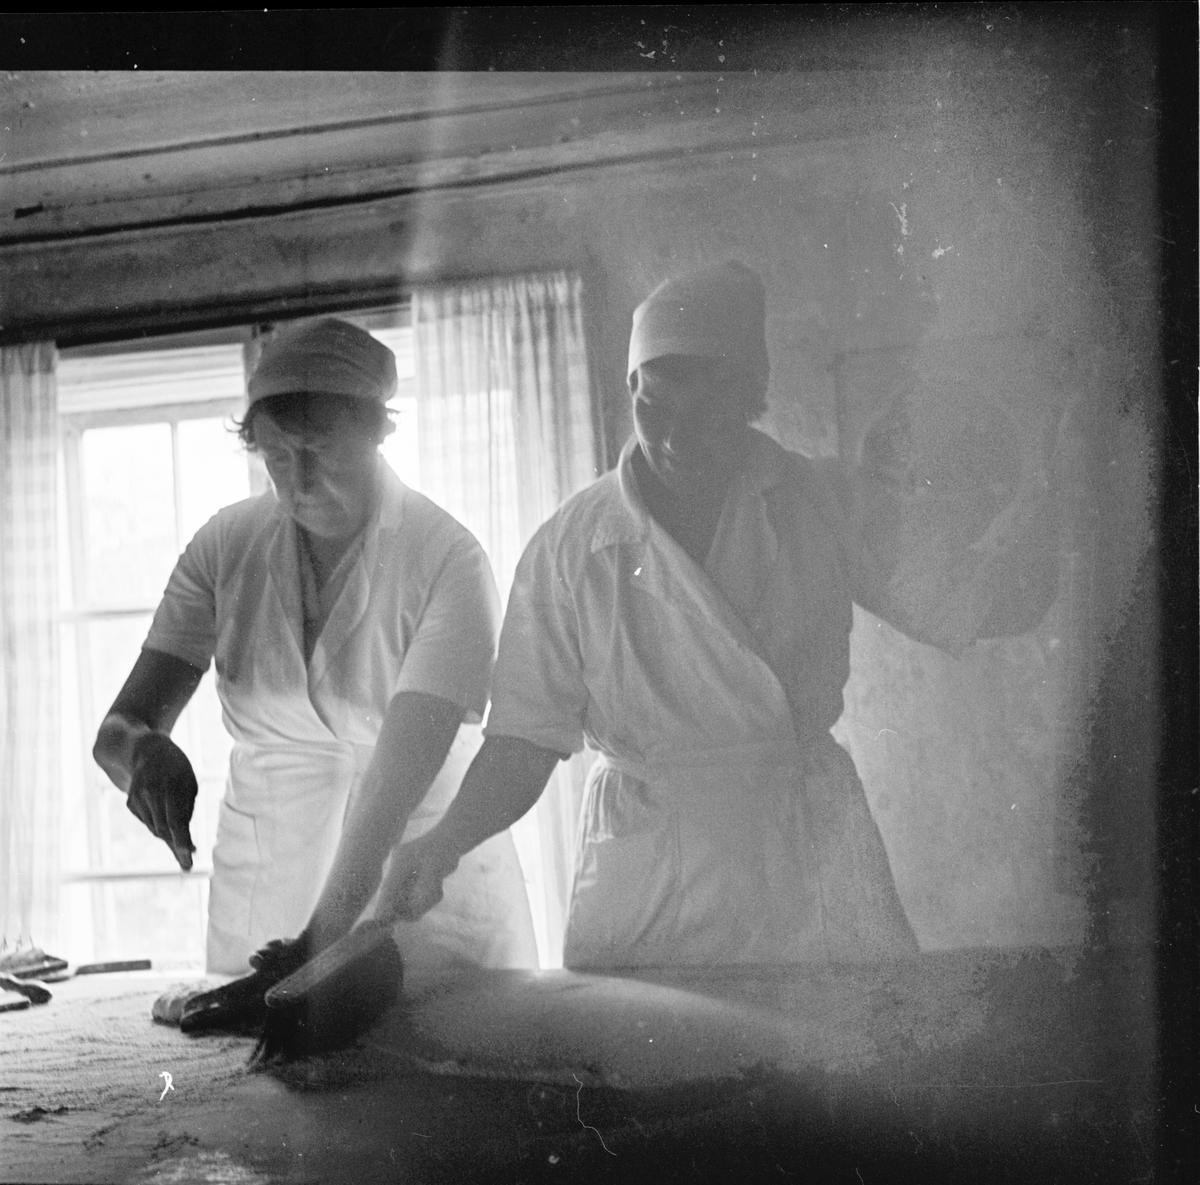 Tunnbrödsbak, Snaten Oktober 1972